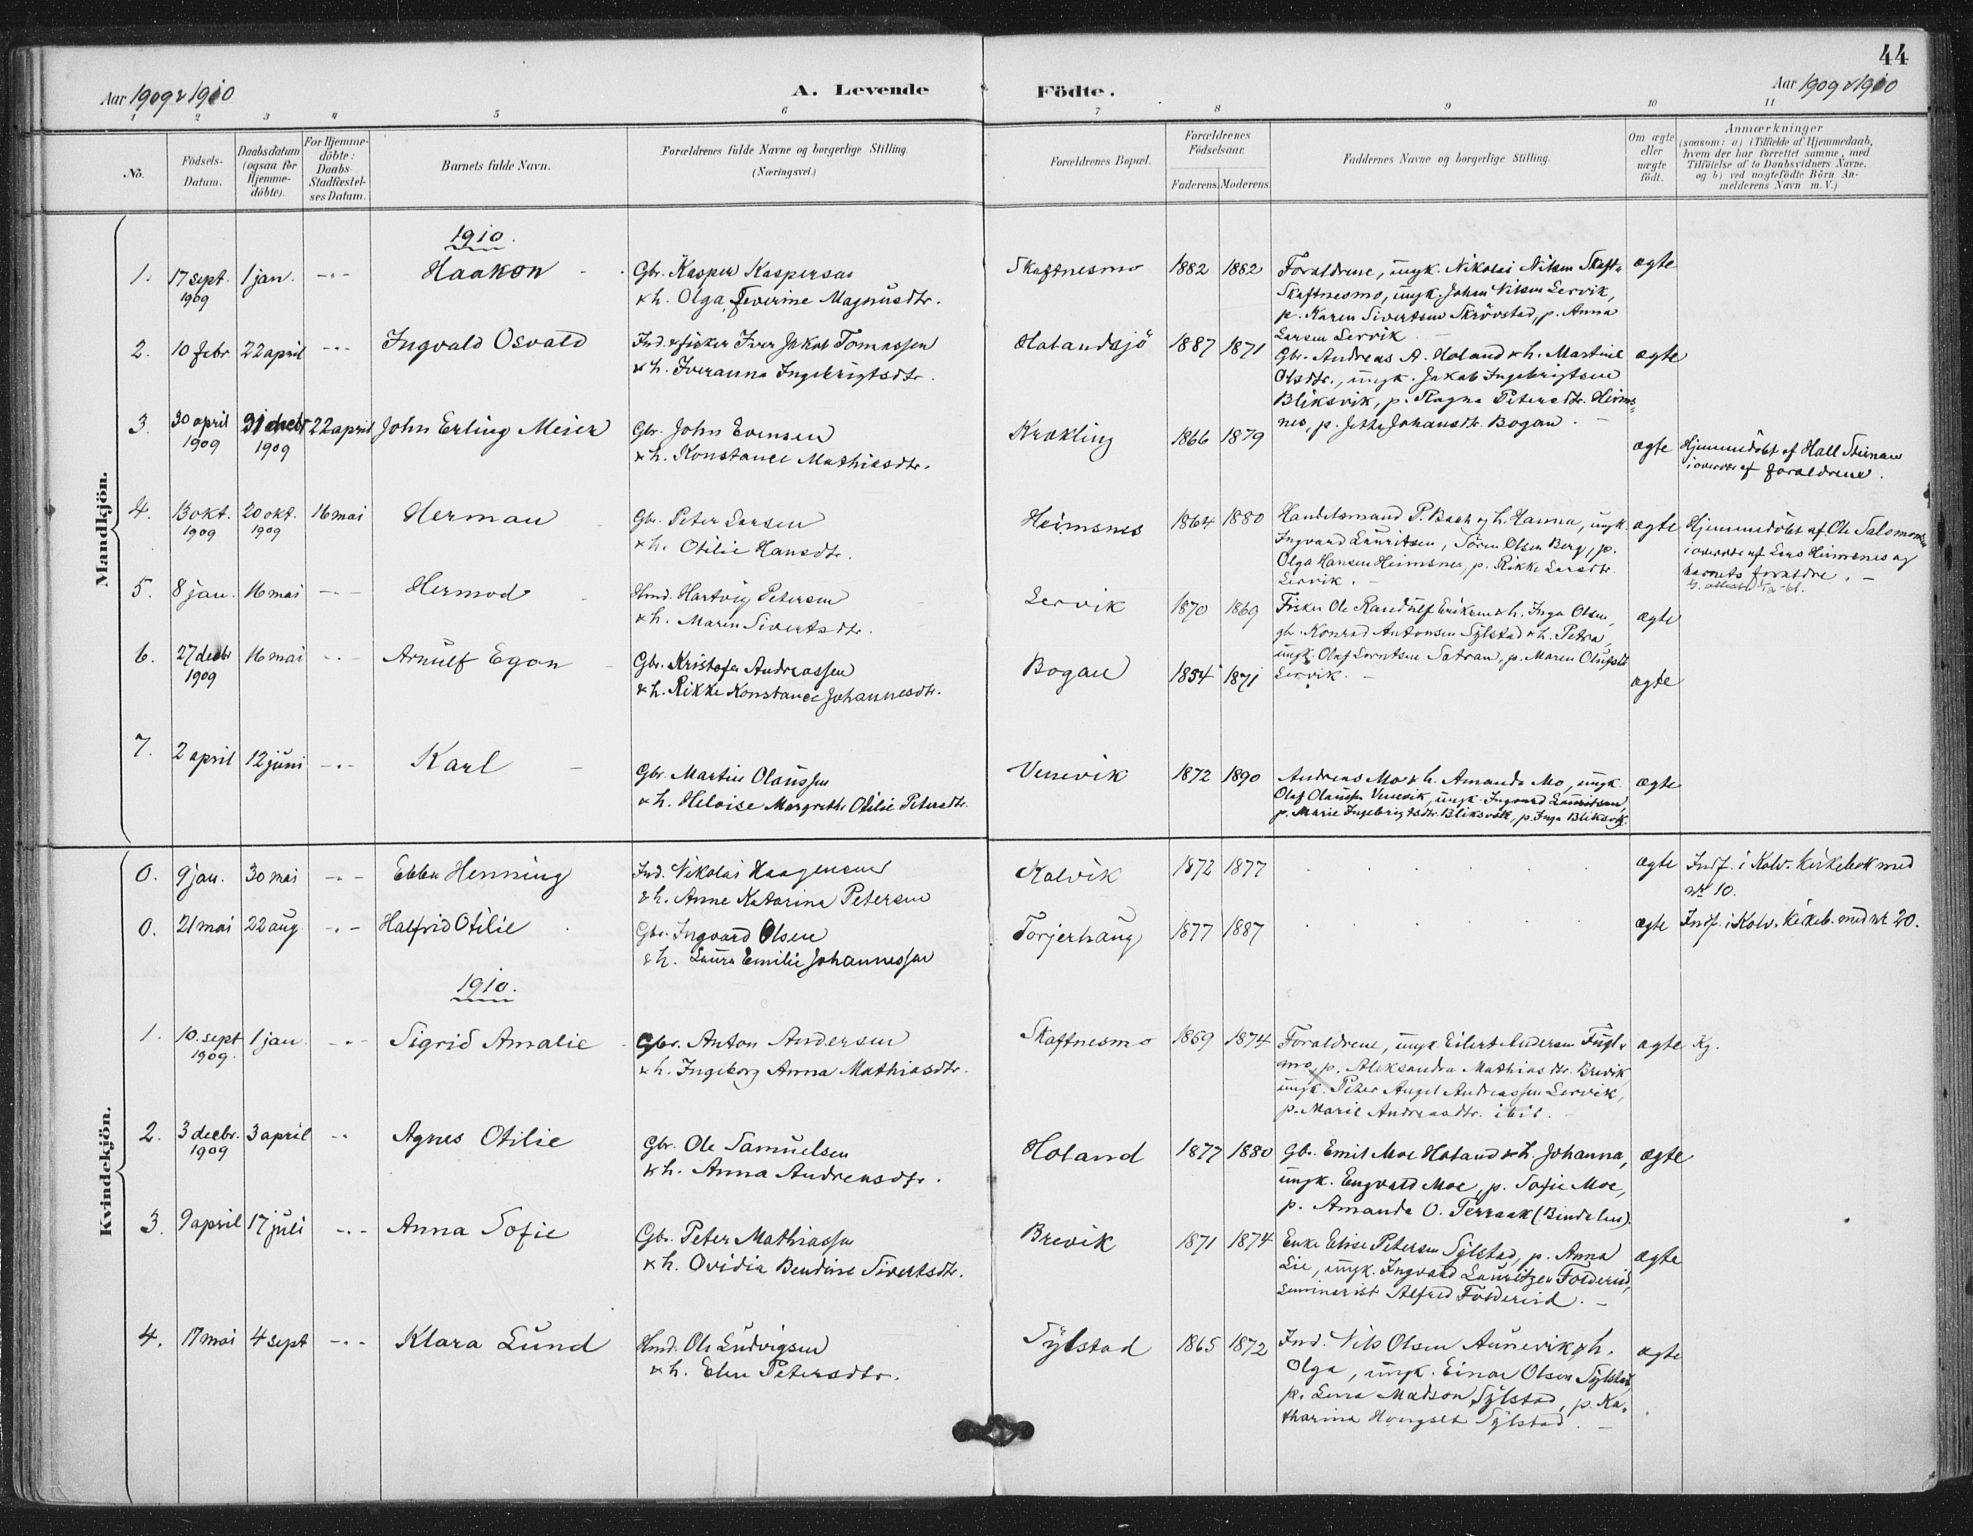 SAT, Ministerialprotokoller, klokkerbøker og fødselsregistre - Nord-Trøndelag, 783/L0660: Ministerialbok nr. 783A02, 1886-1918, s. 44